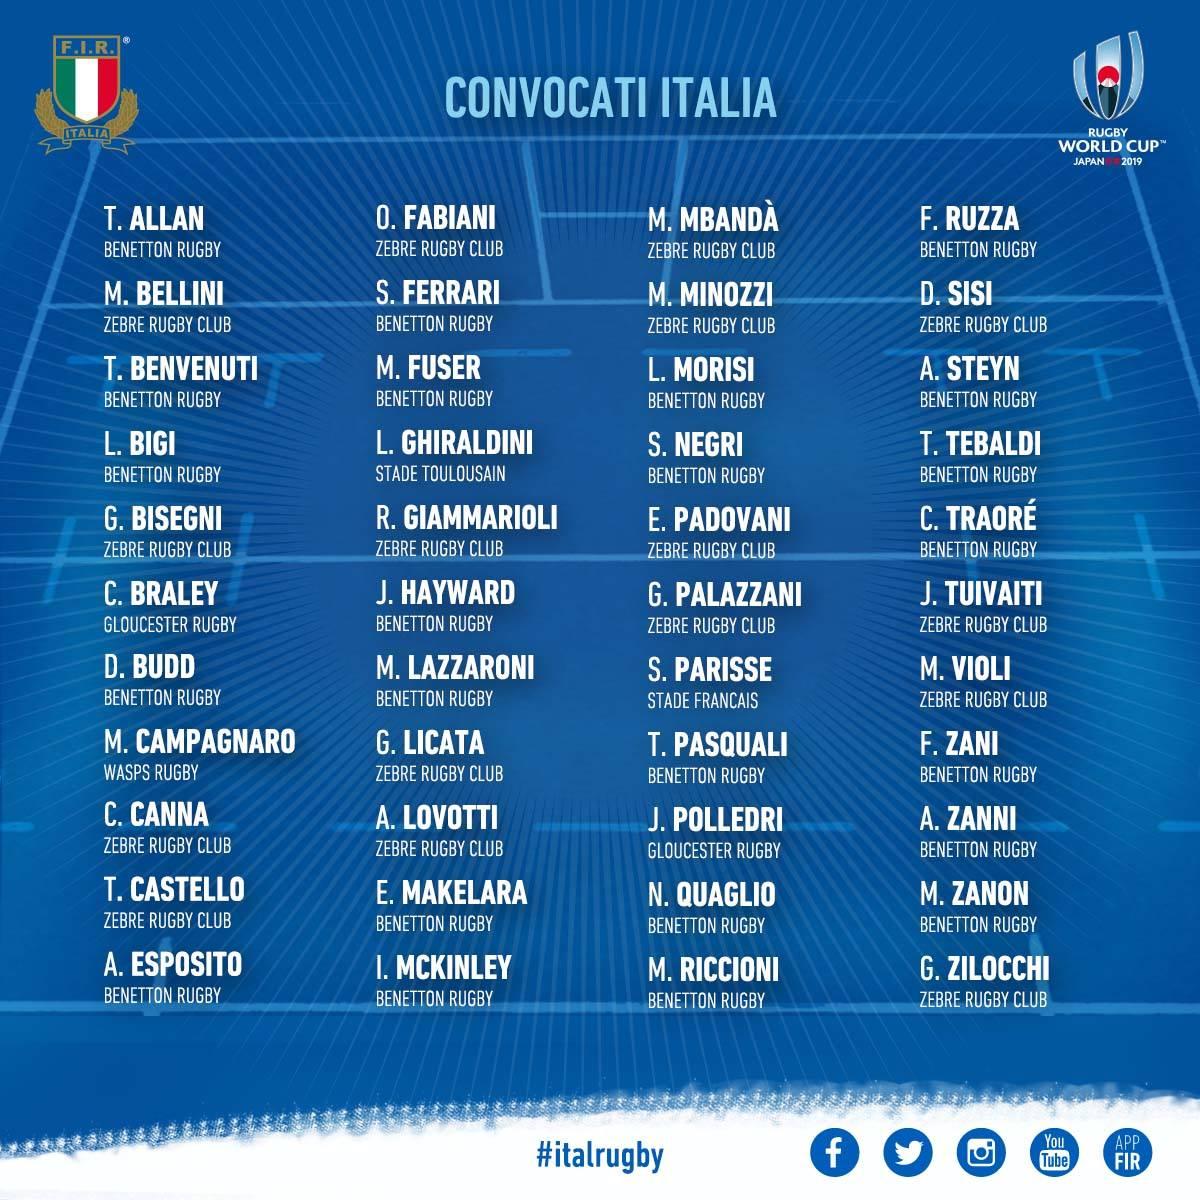 convocati italia squad 44